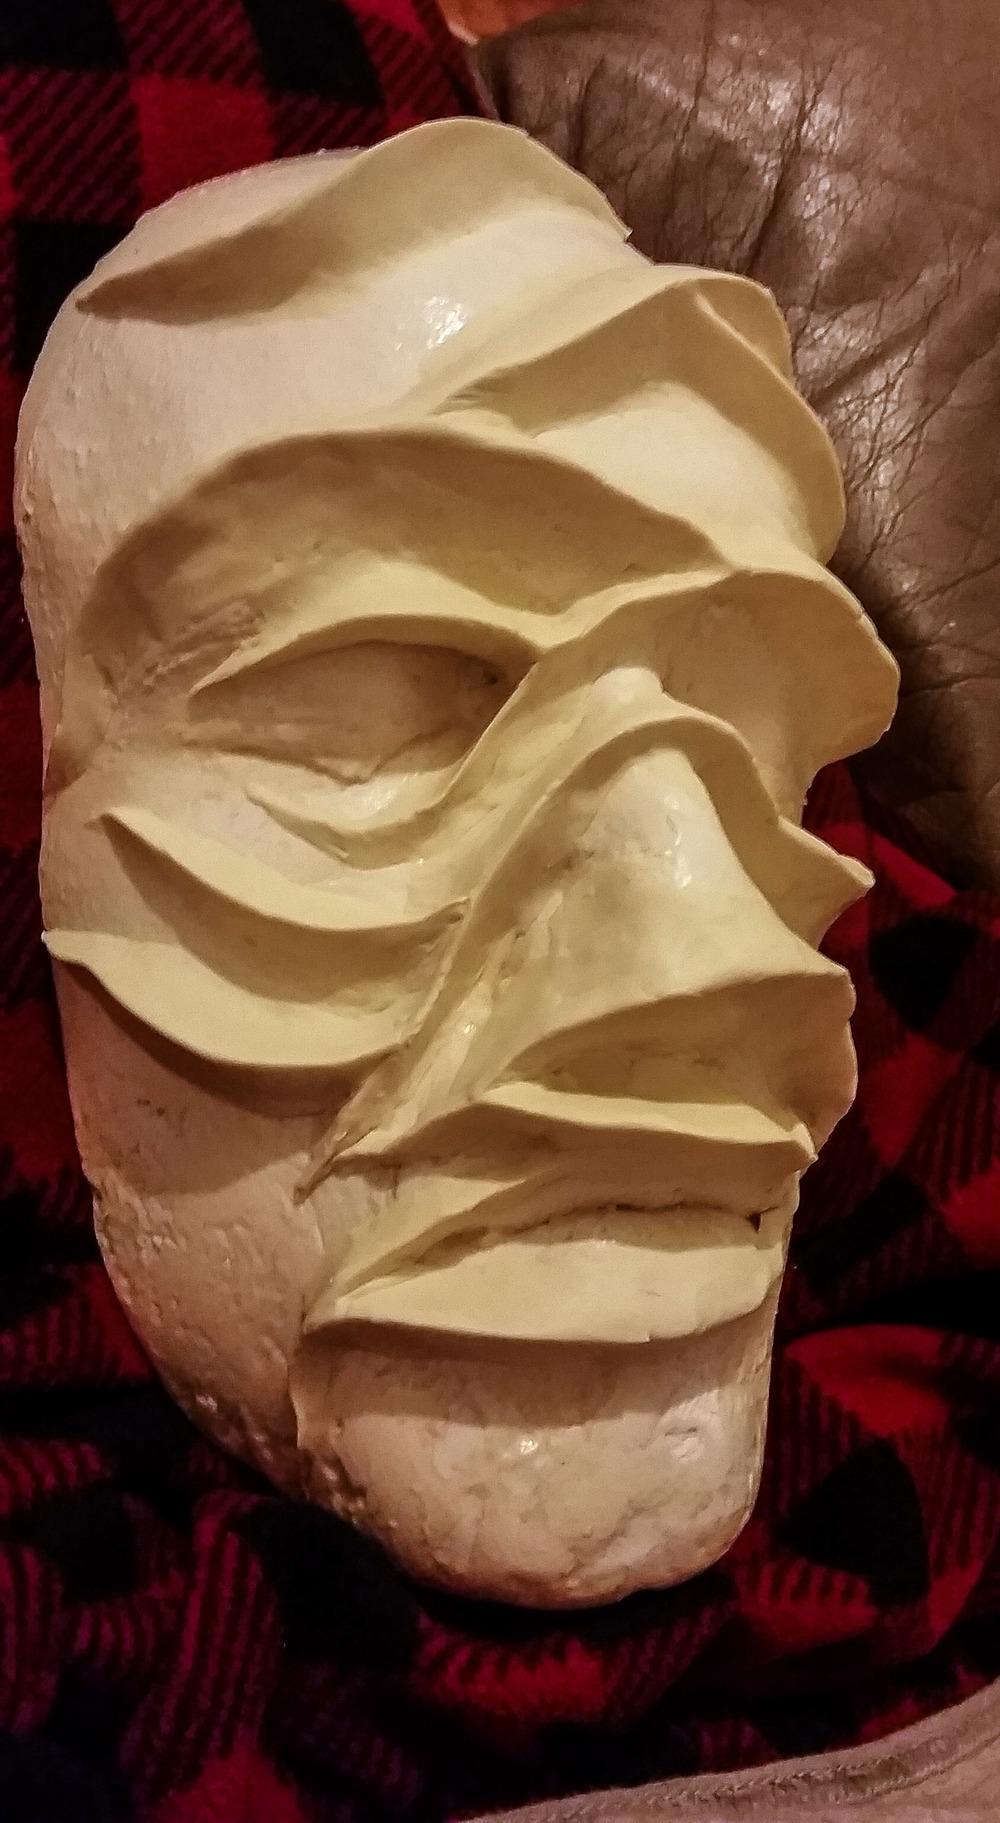 Initial Sculpt